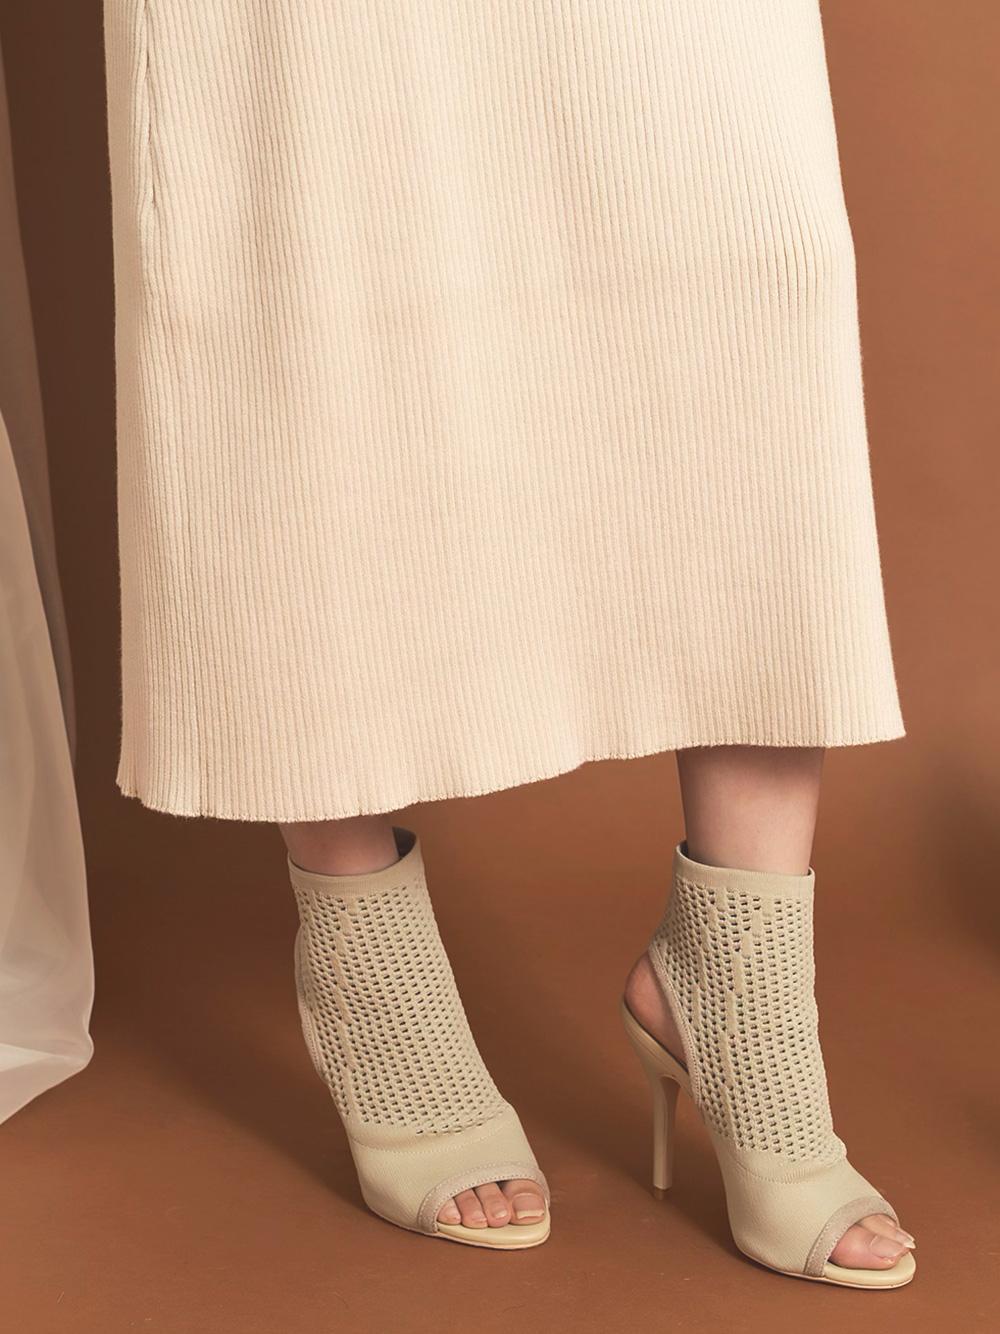 セミタイトニットスカート